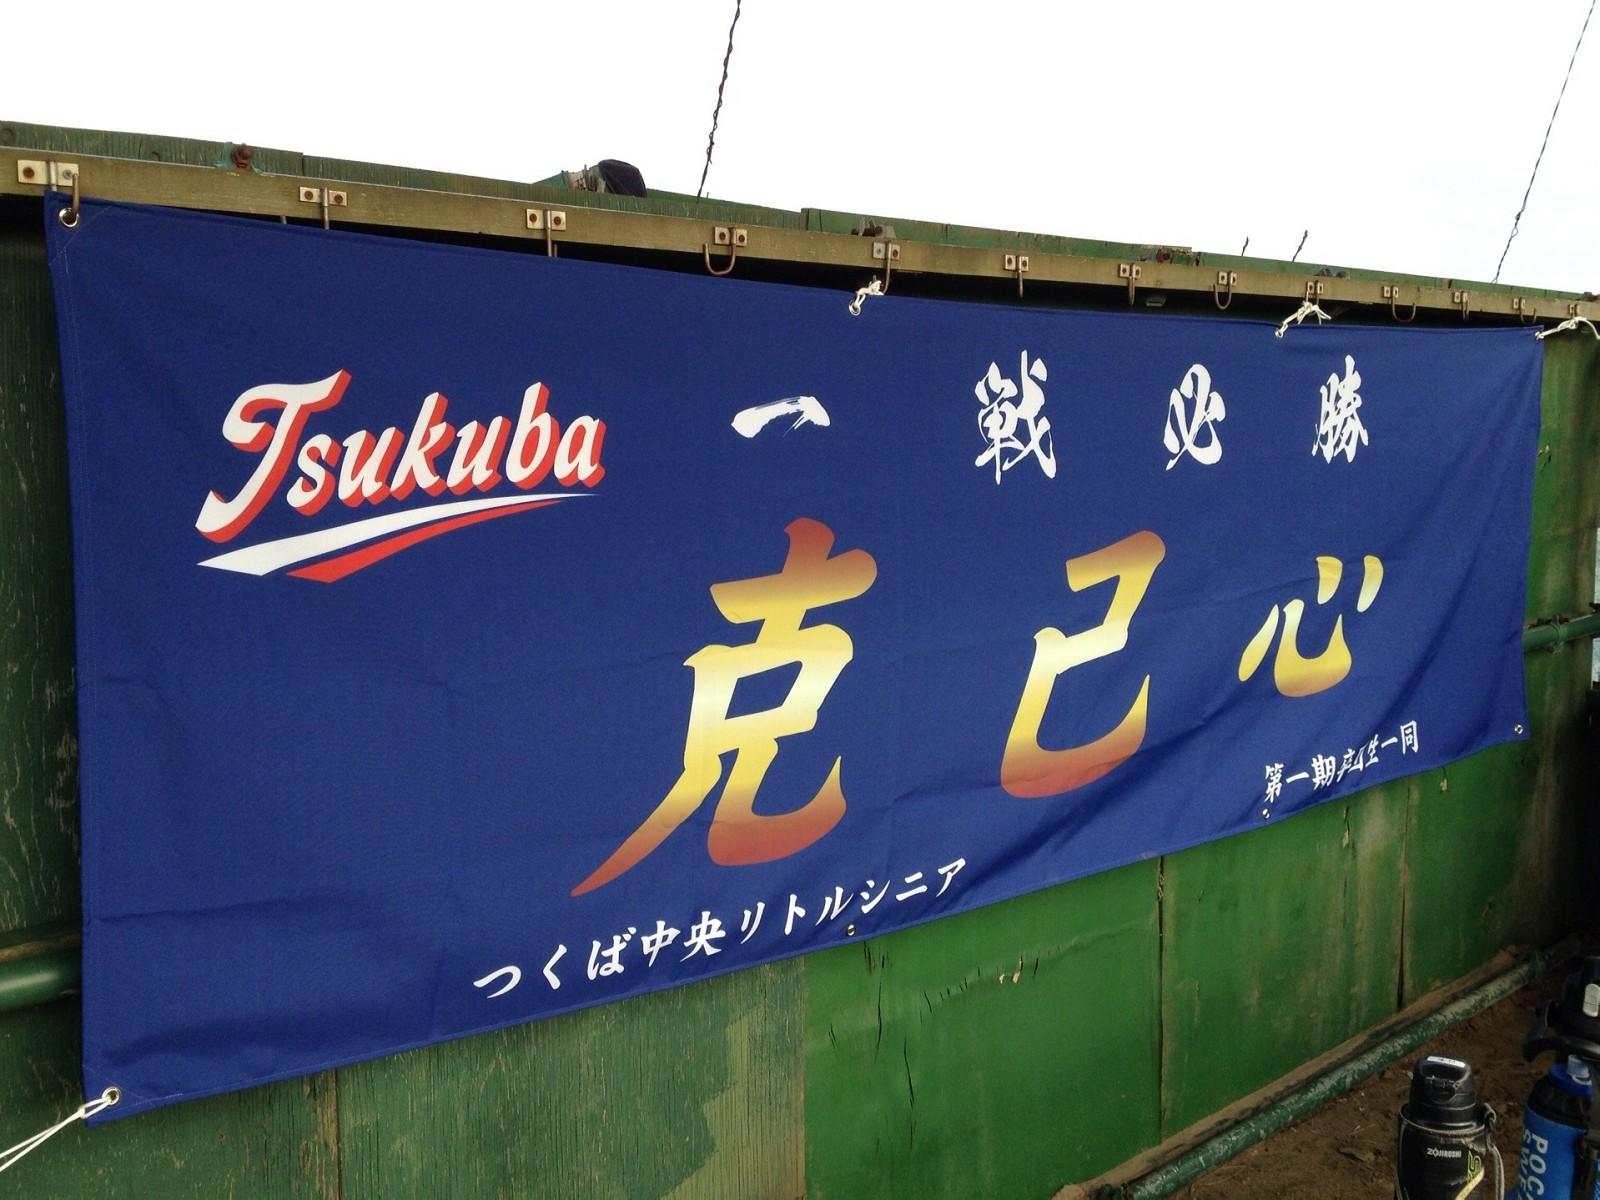 2014.02.23 横断幕